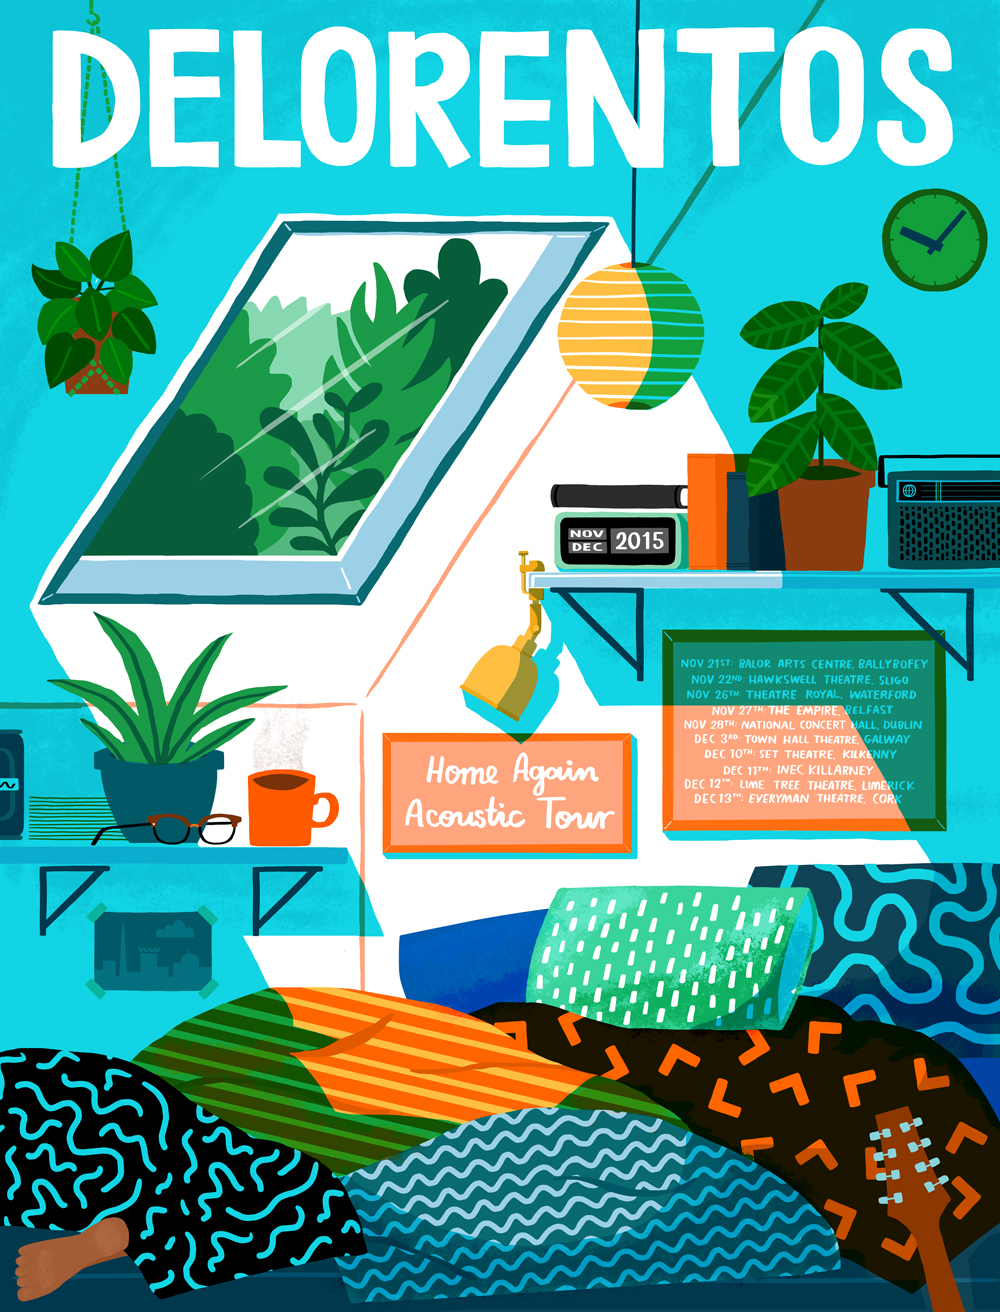 Delorentos Tour Poster